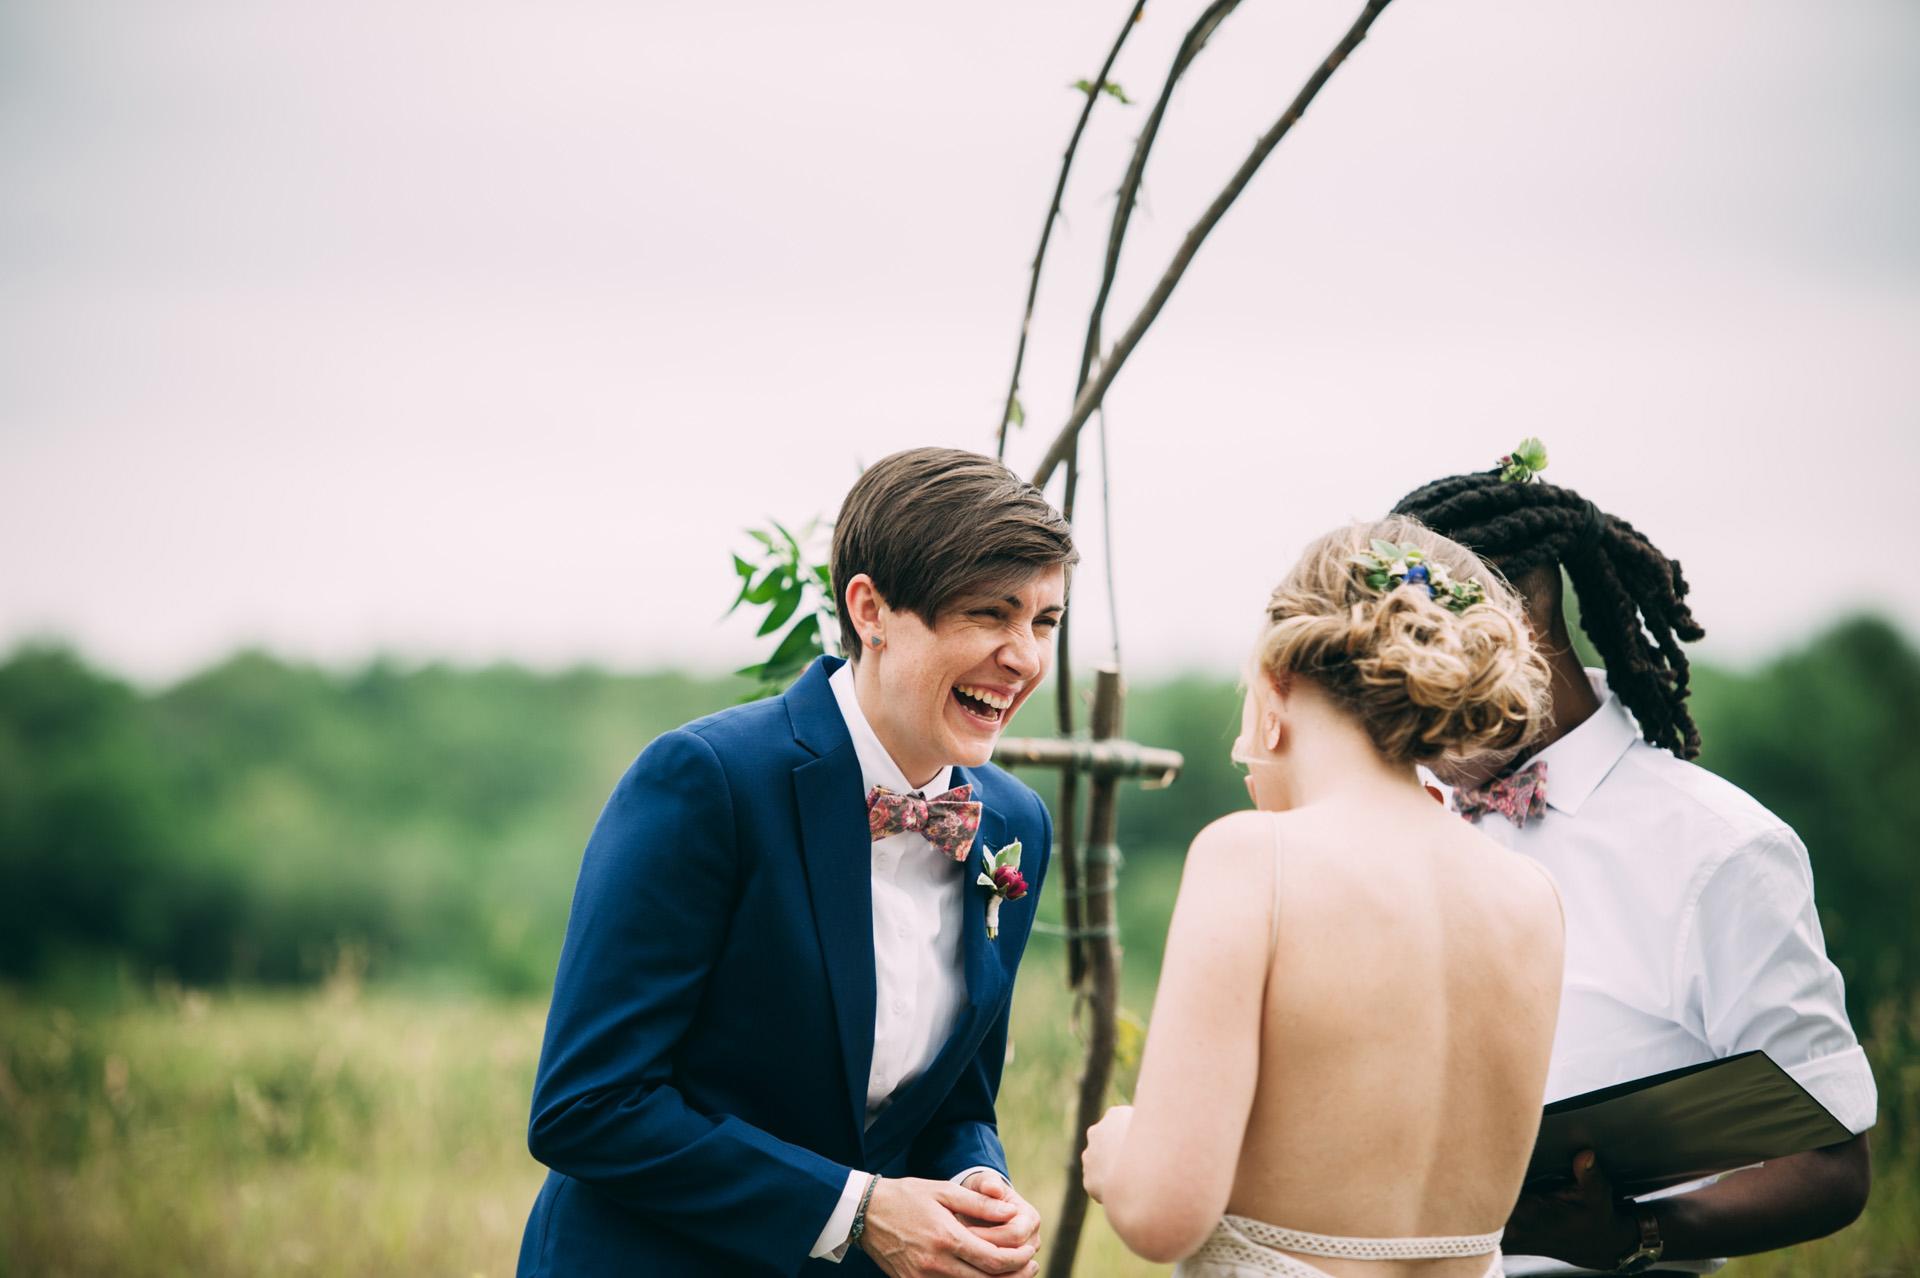 broadturn-farm-wedding-43